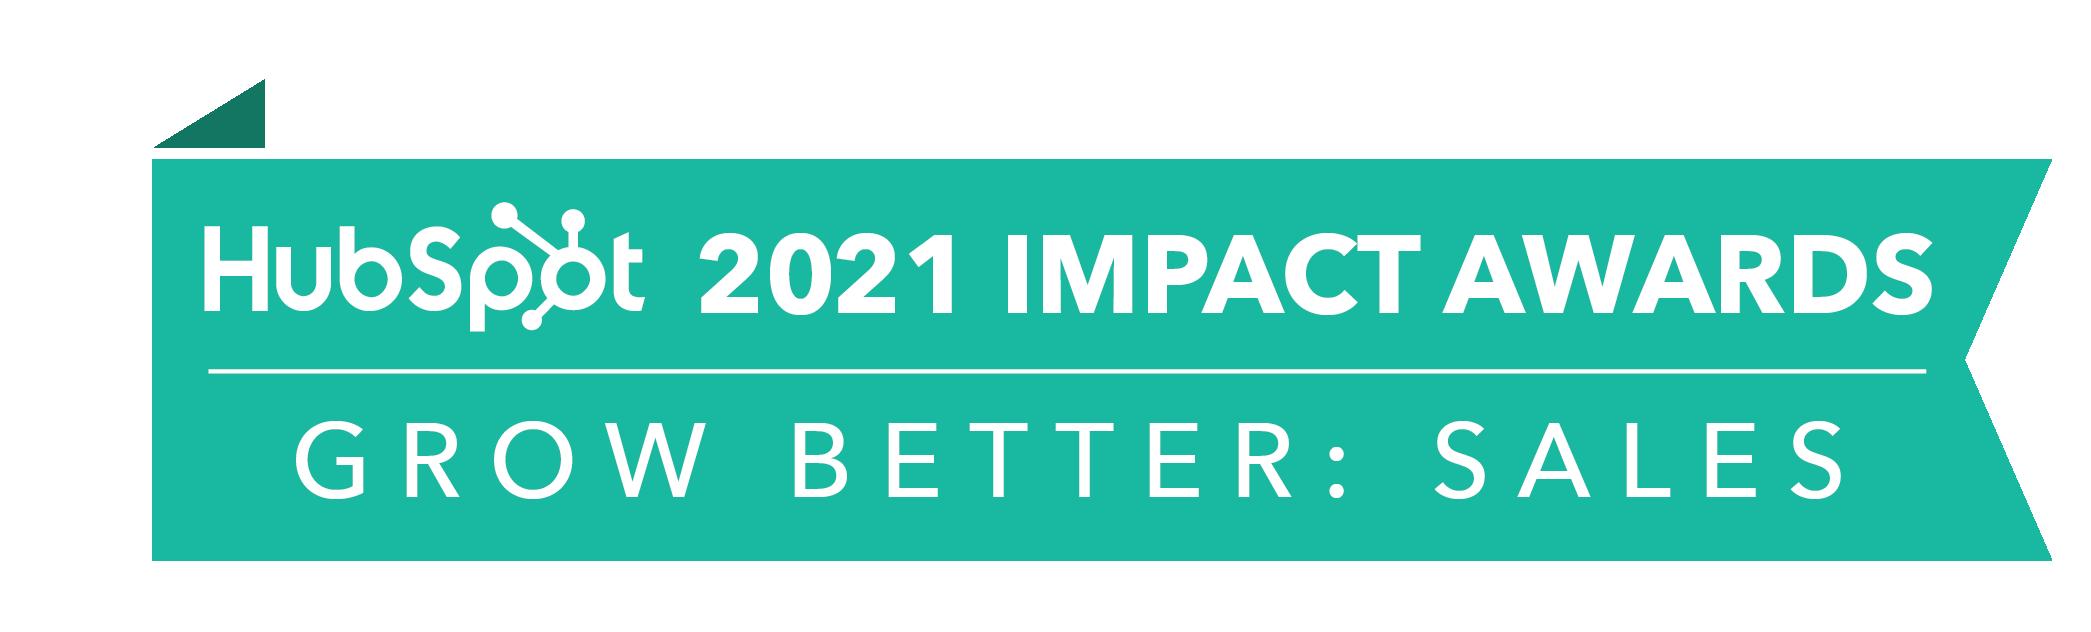 HubSpot_ImpactAwards_2021_GBSales2-2